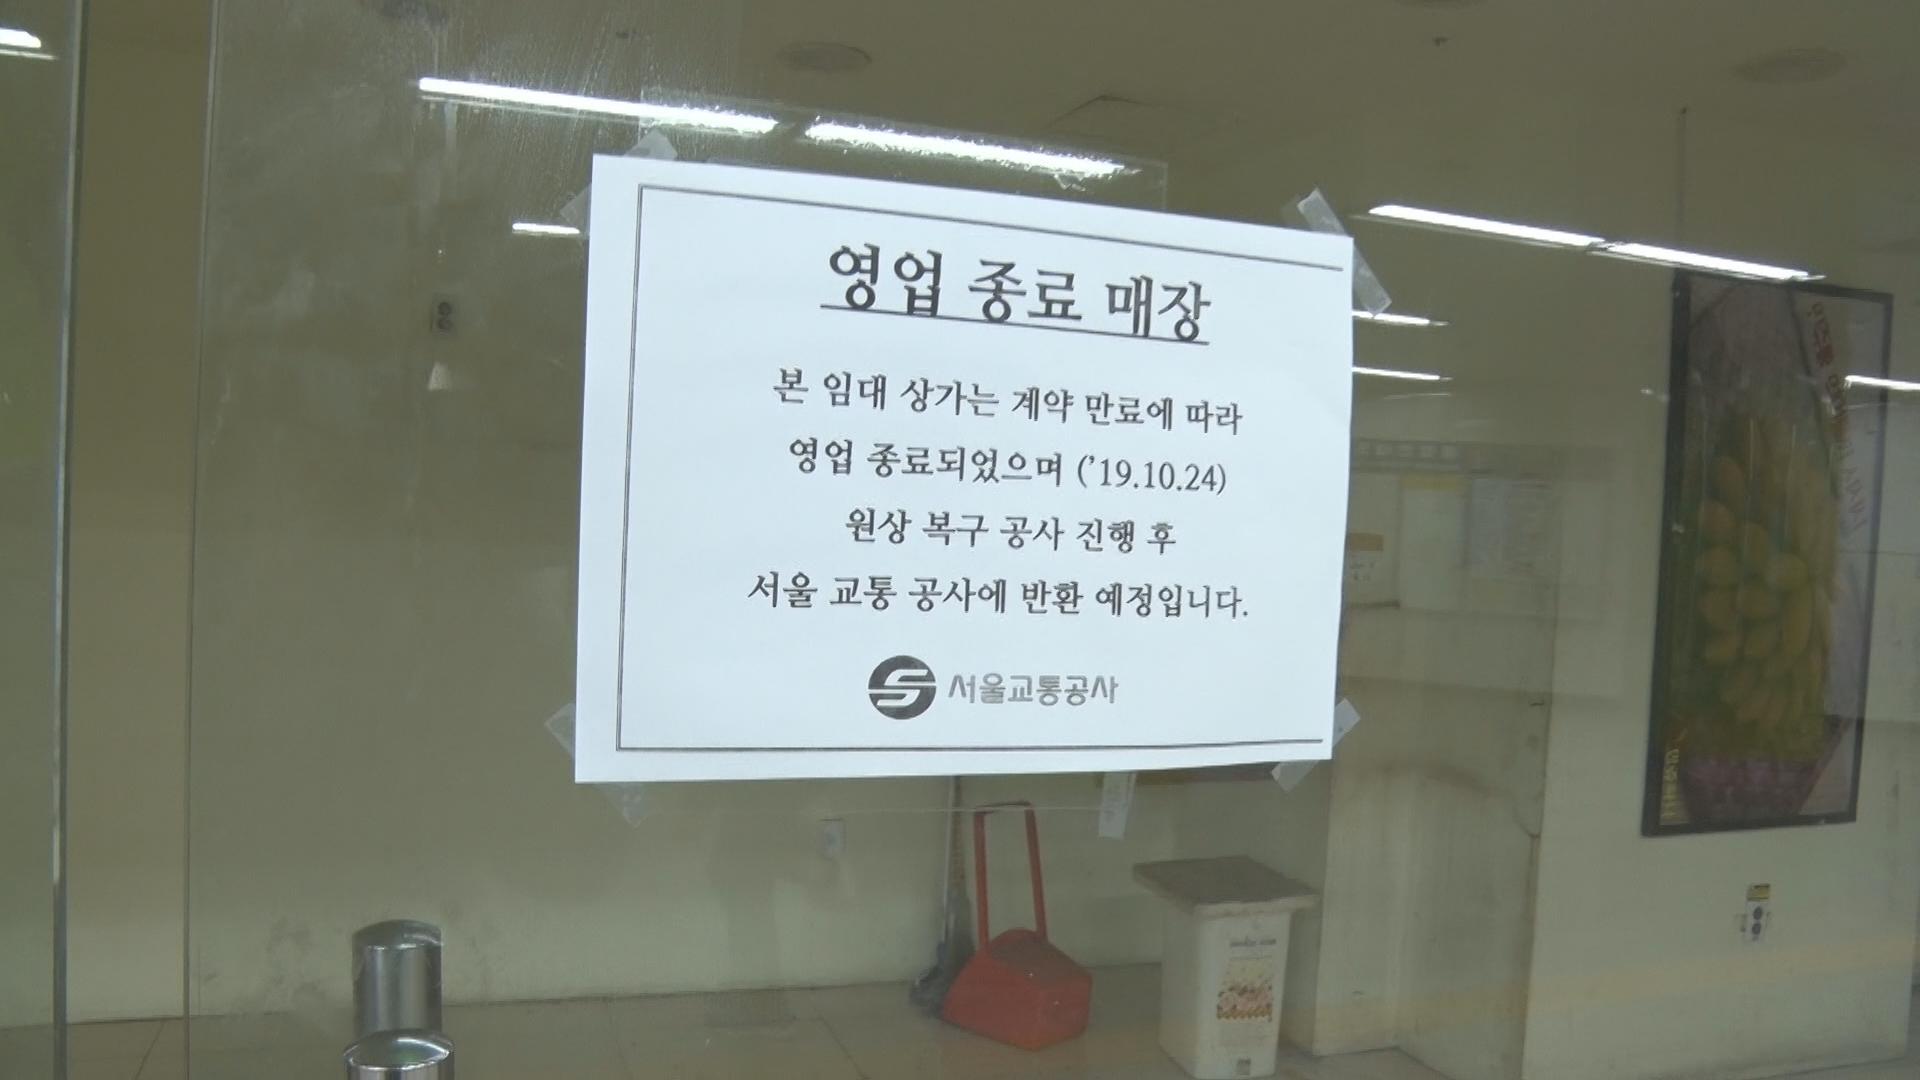 지하철 6,7호선 406개 점포에 임대 상가 계약 만료에 따라 영업이 종료되었을 알리는 안내문을 붙힌 서울교통공사